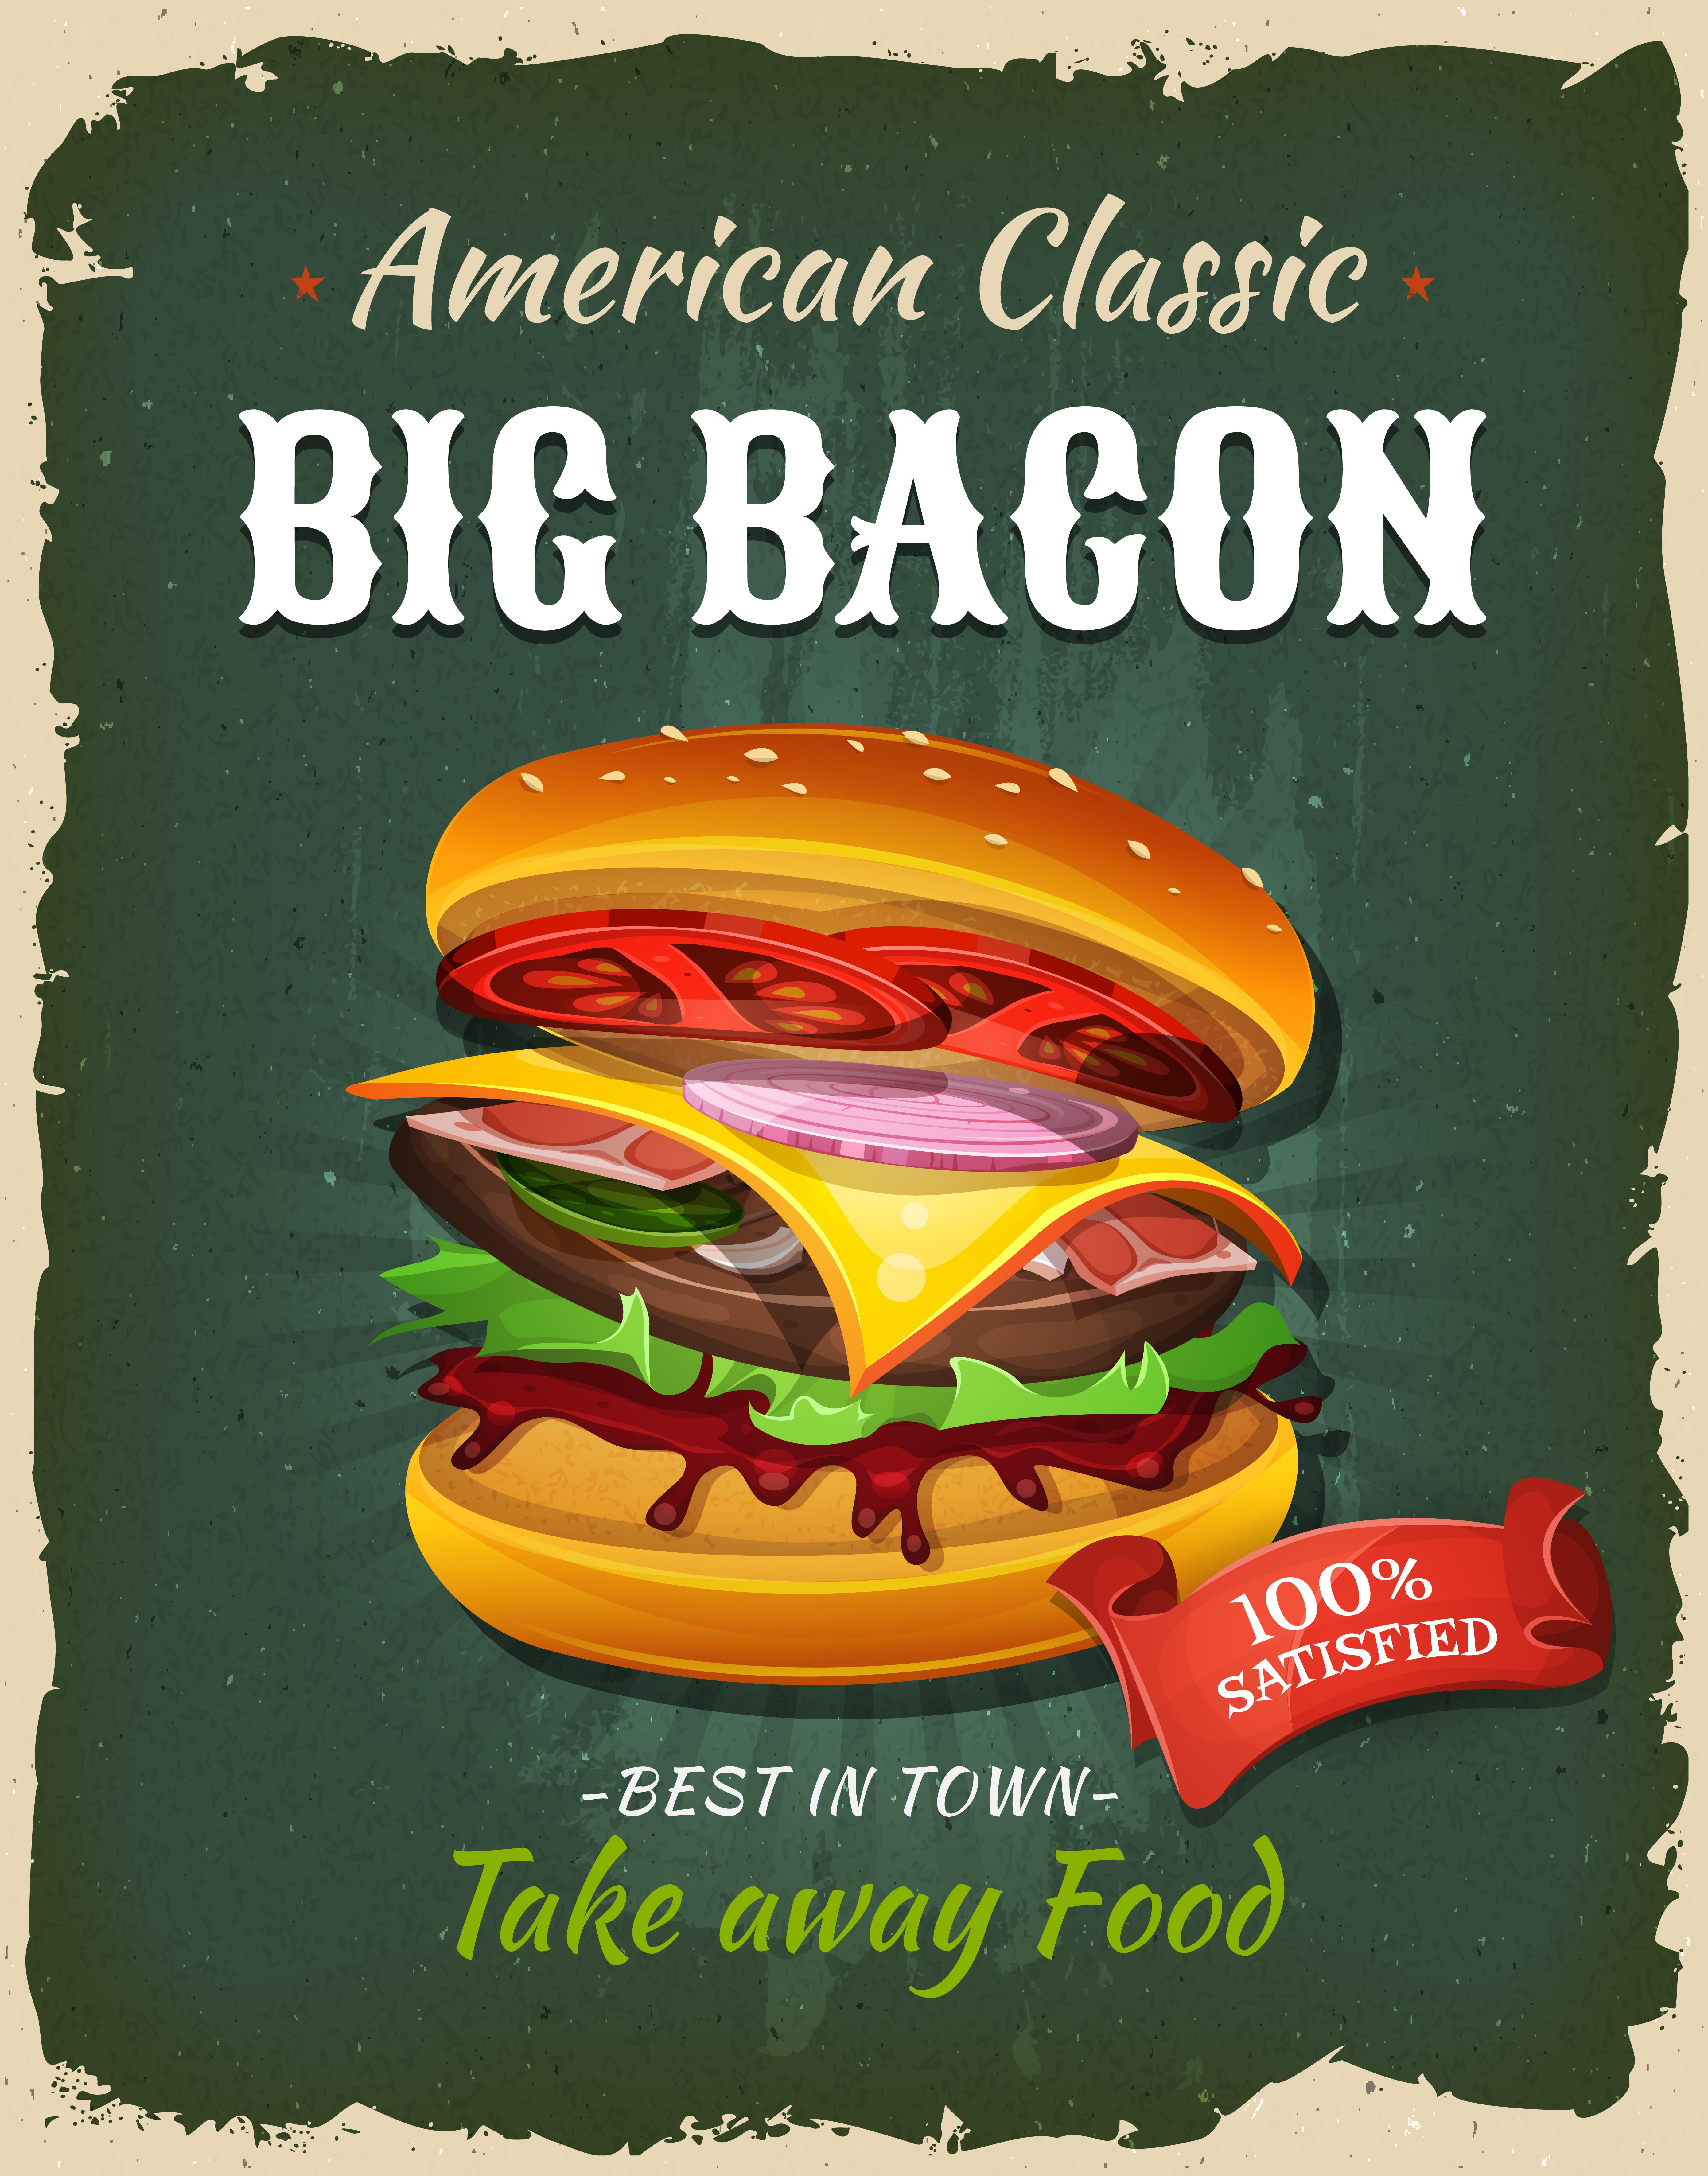 Retro Schnellimbiss-Speck-Burger-Plakat - Download ...